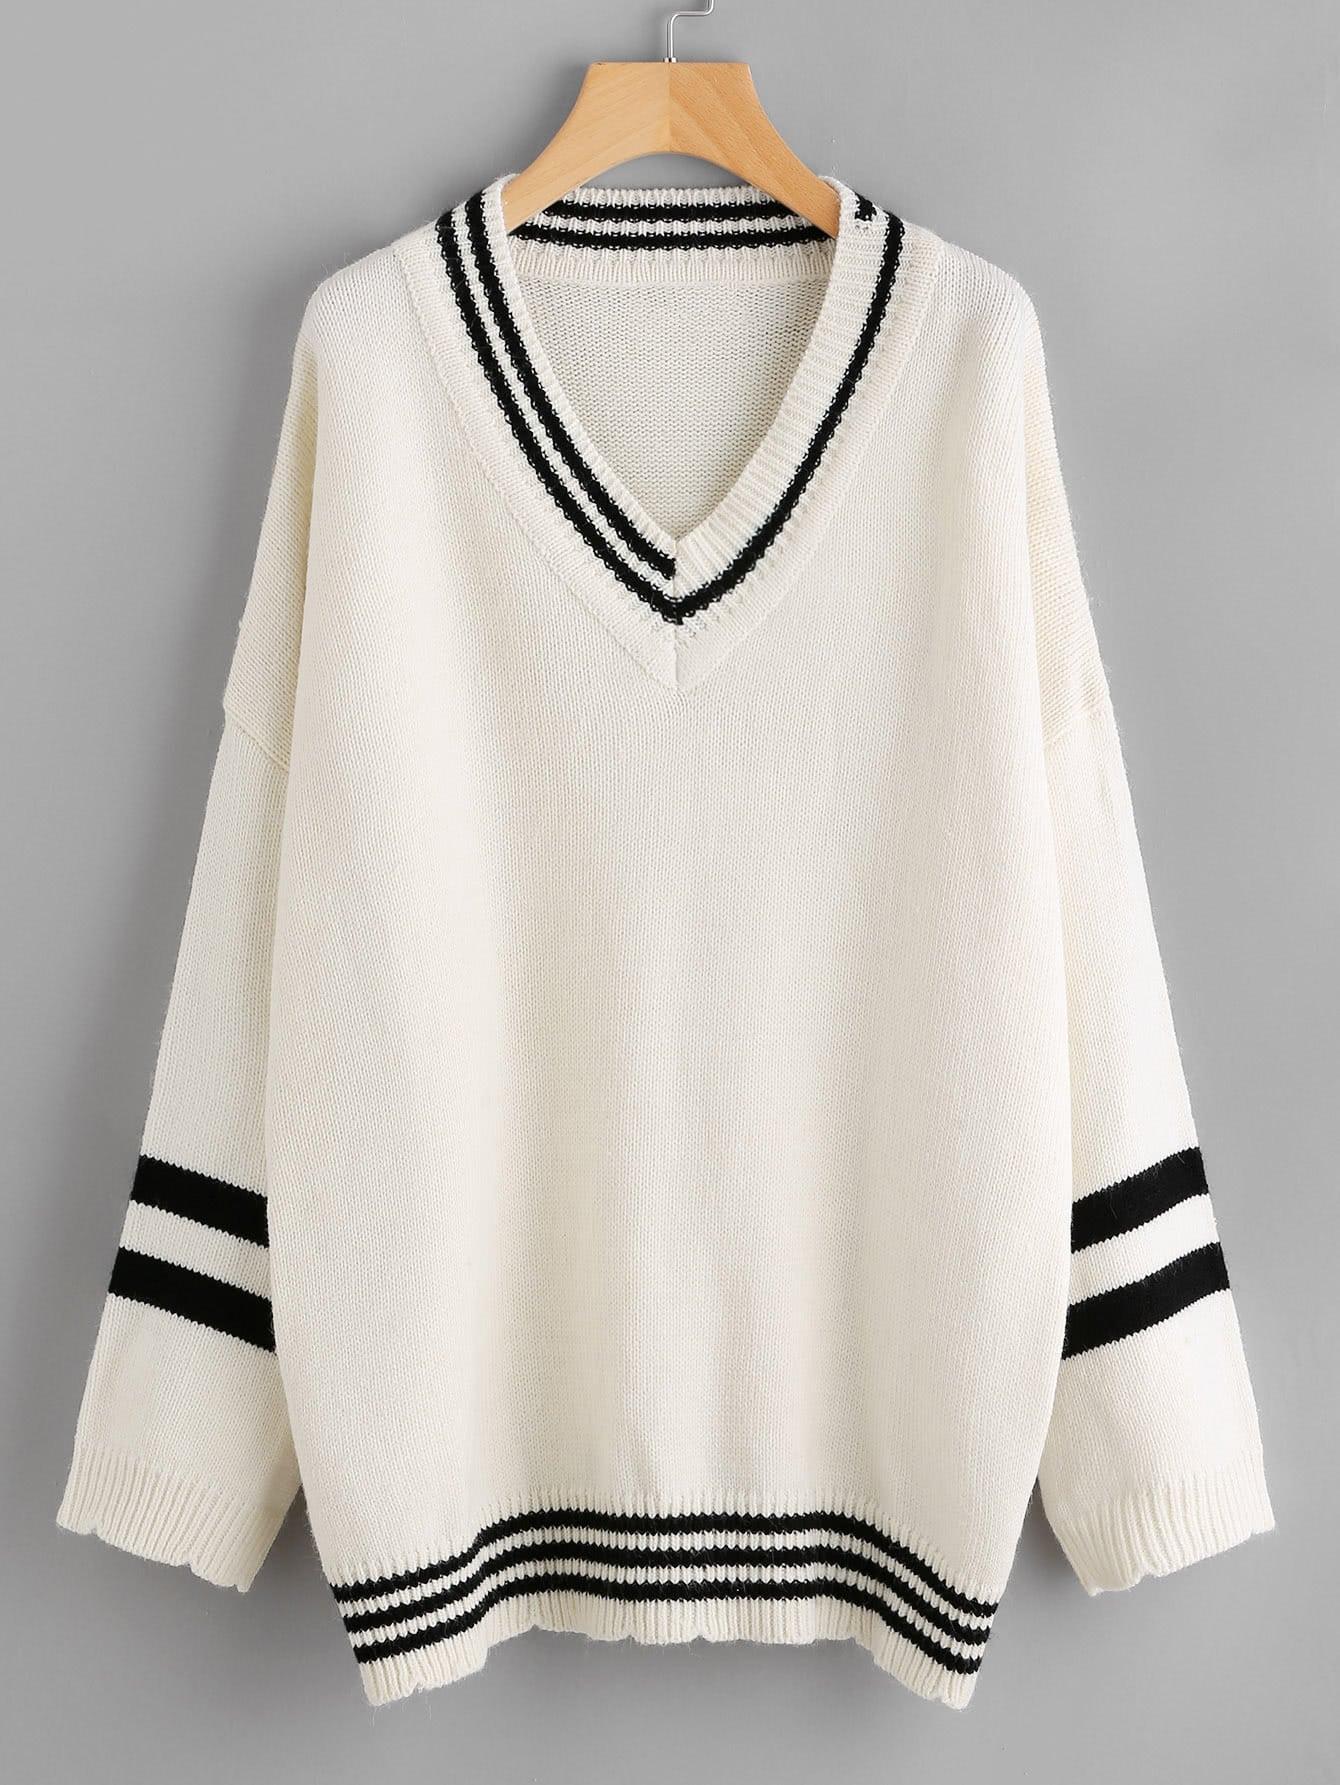 Drop Shoulder Striped Trim Sweater sweater170713402